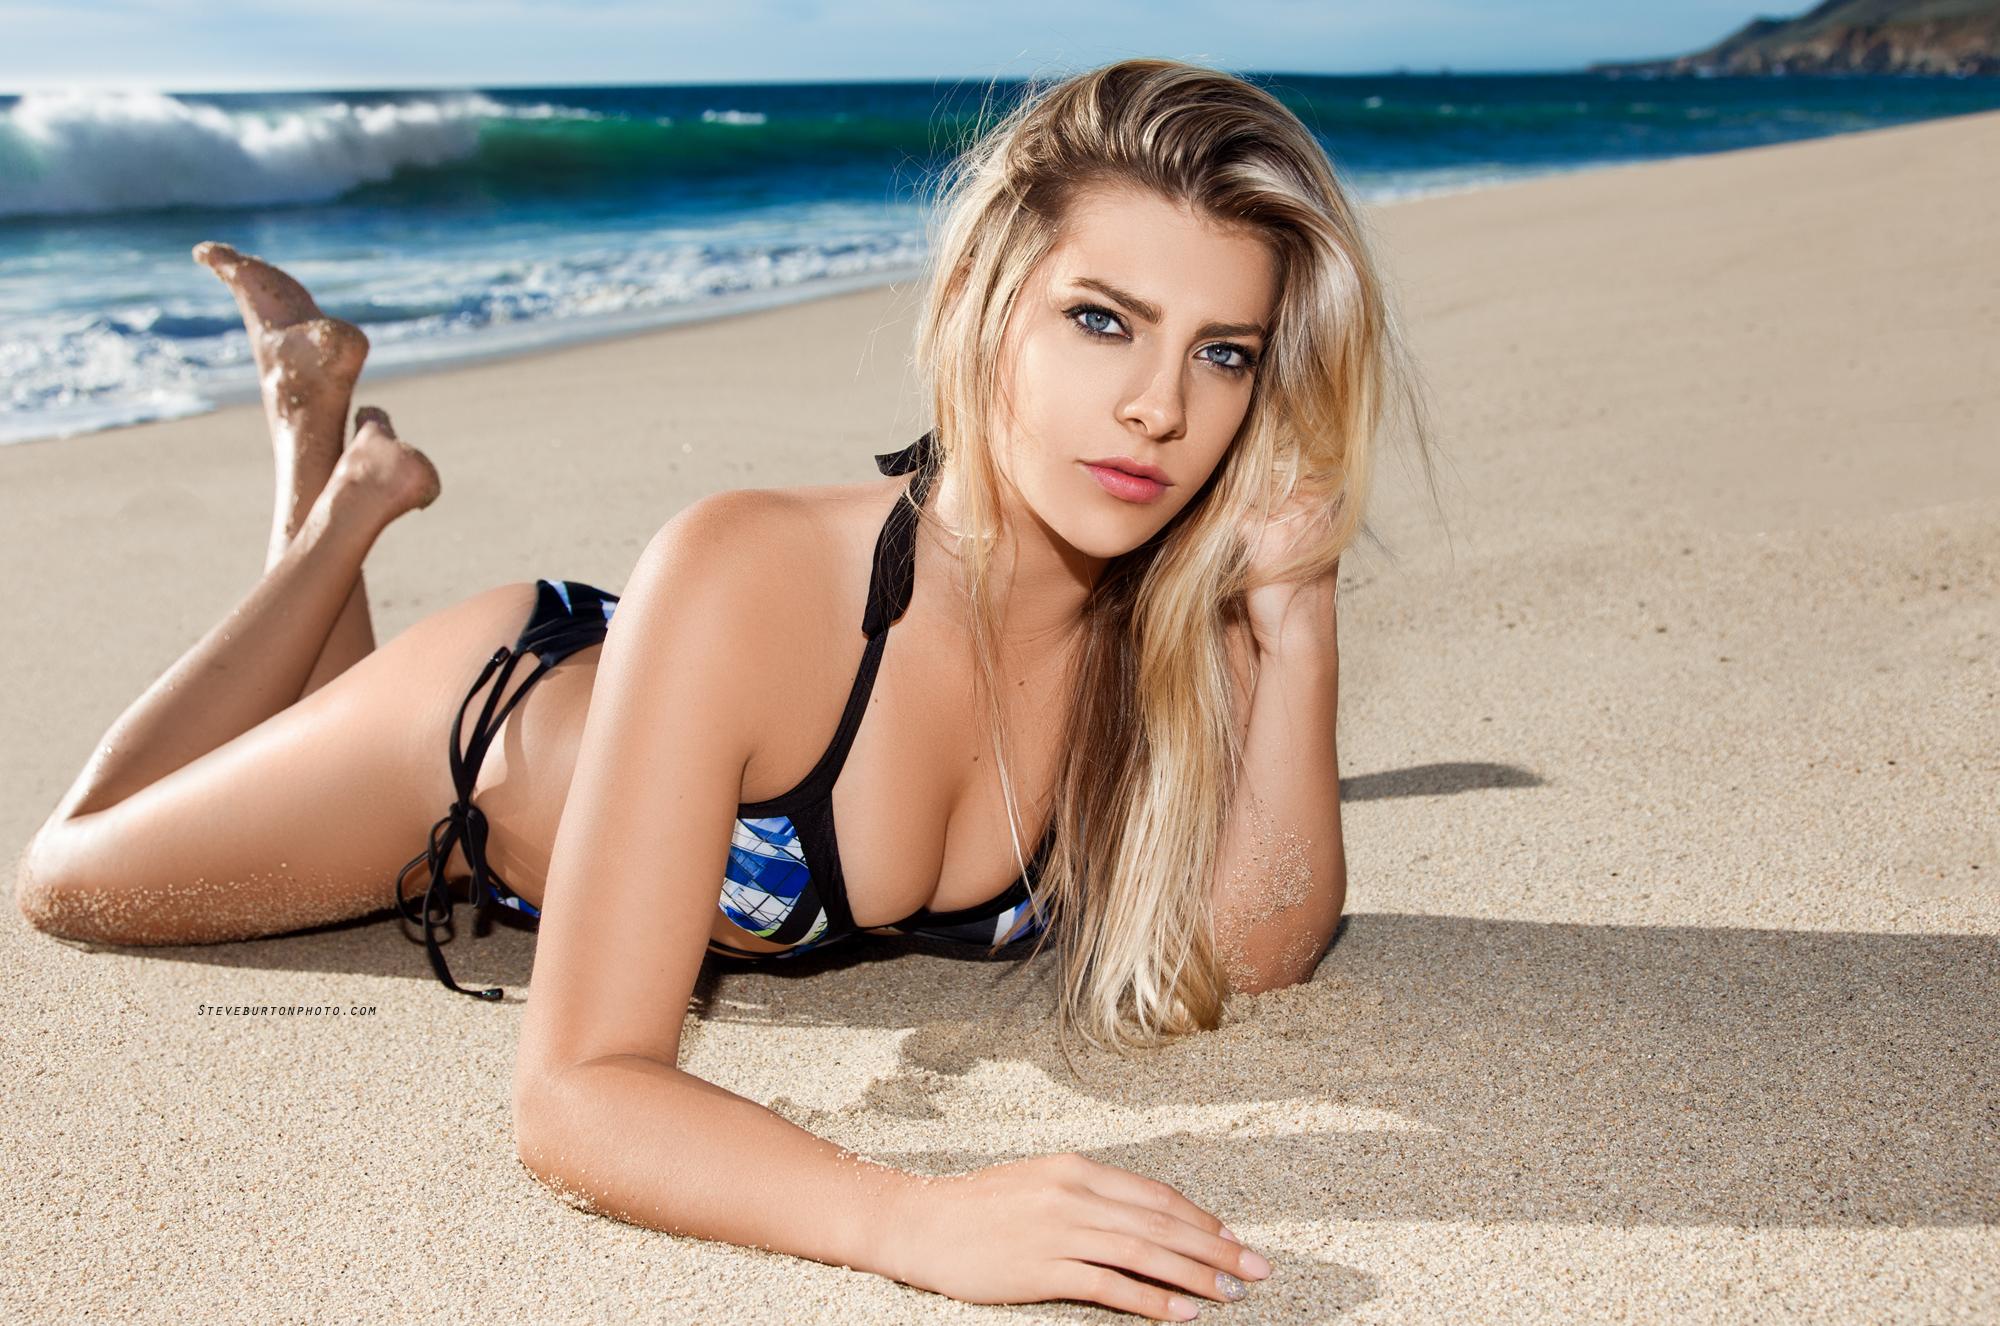 Marinda  Beach